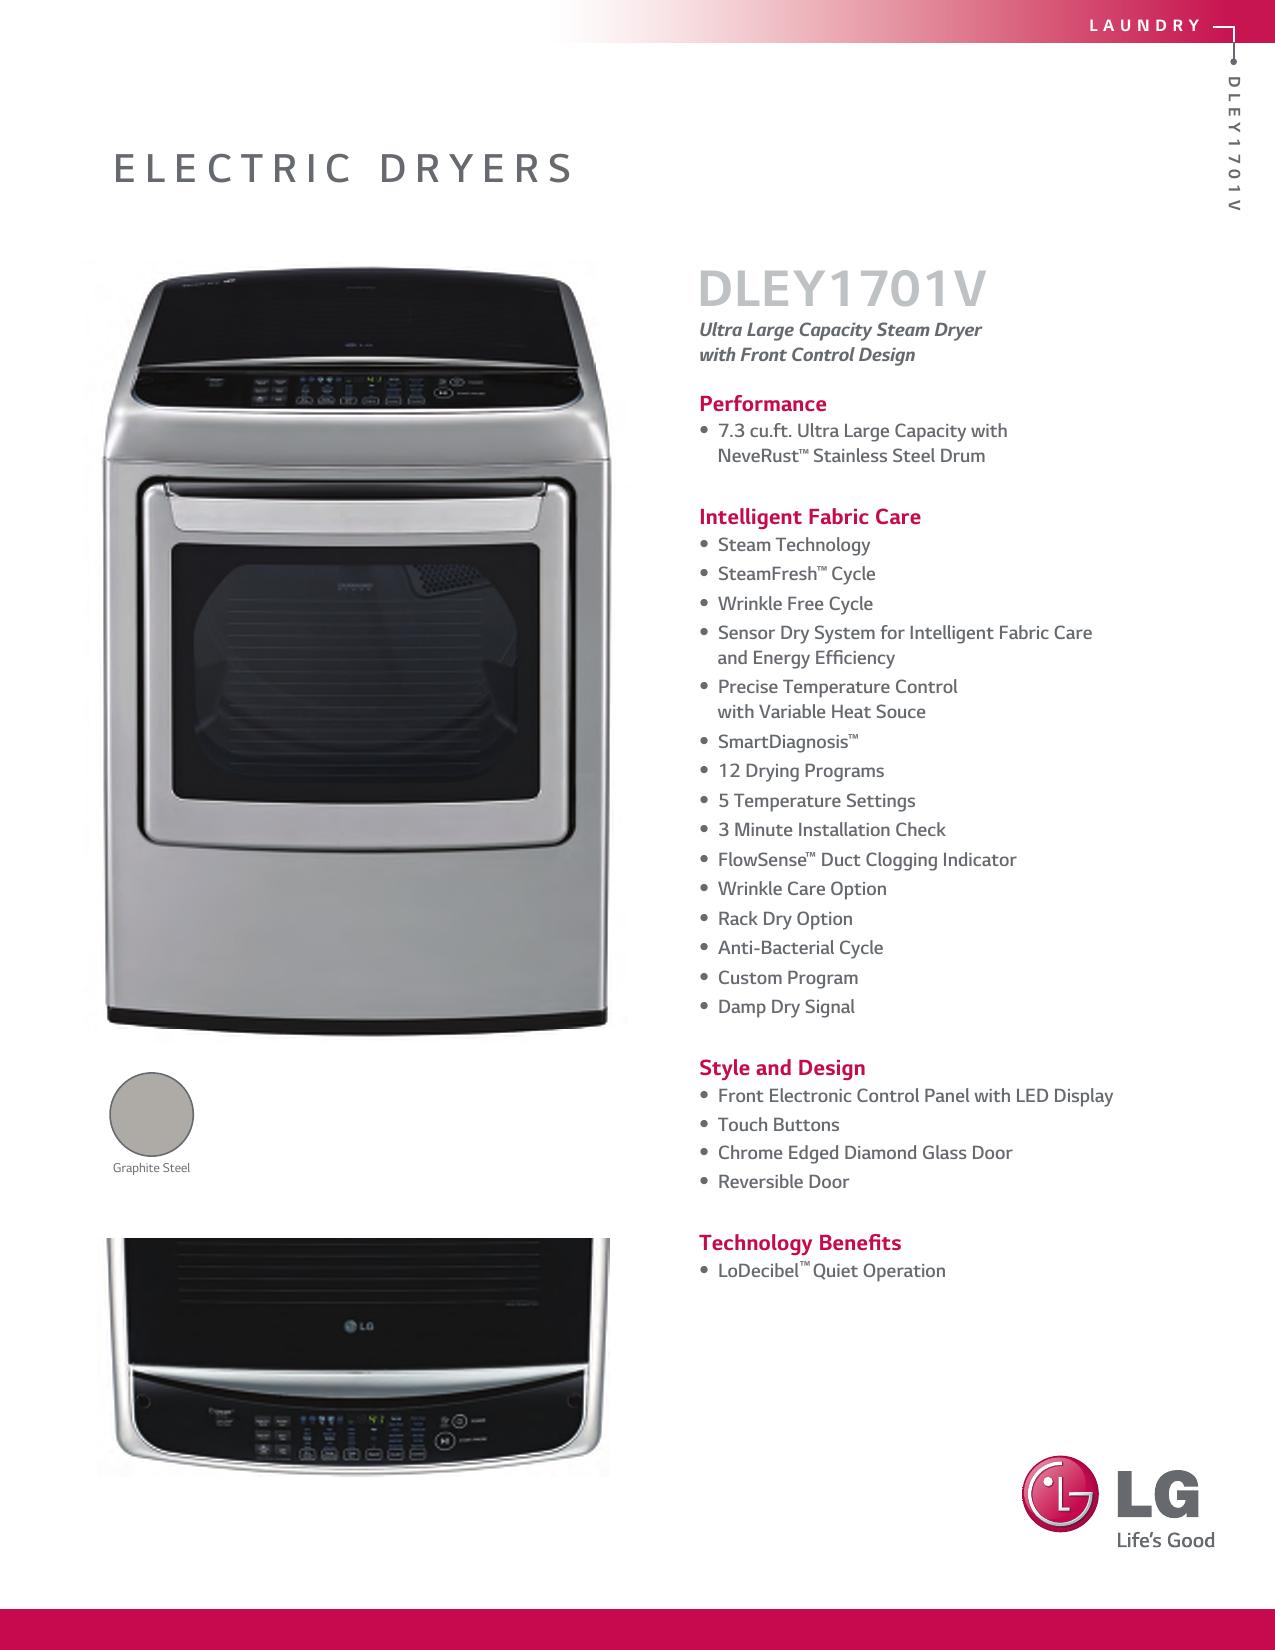 LG DLEY1701V DLEY1701V_front User Manual Specification ENG